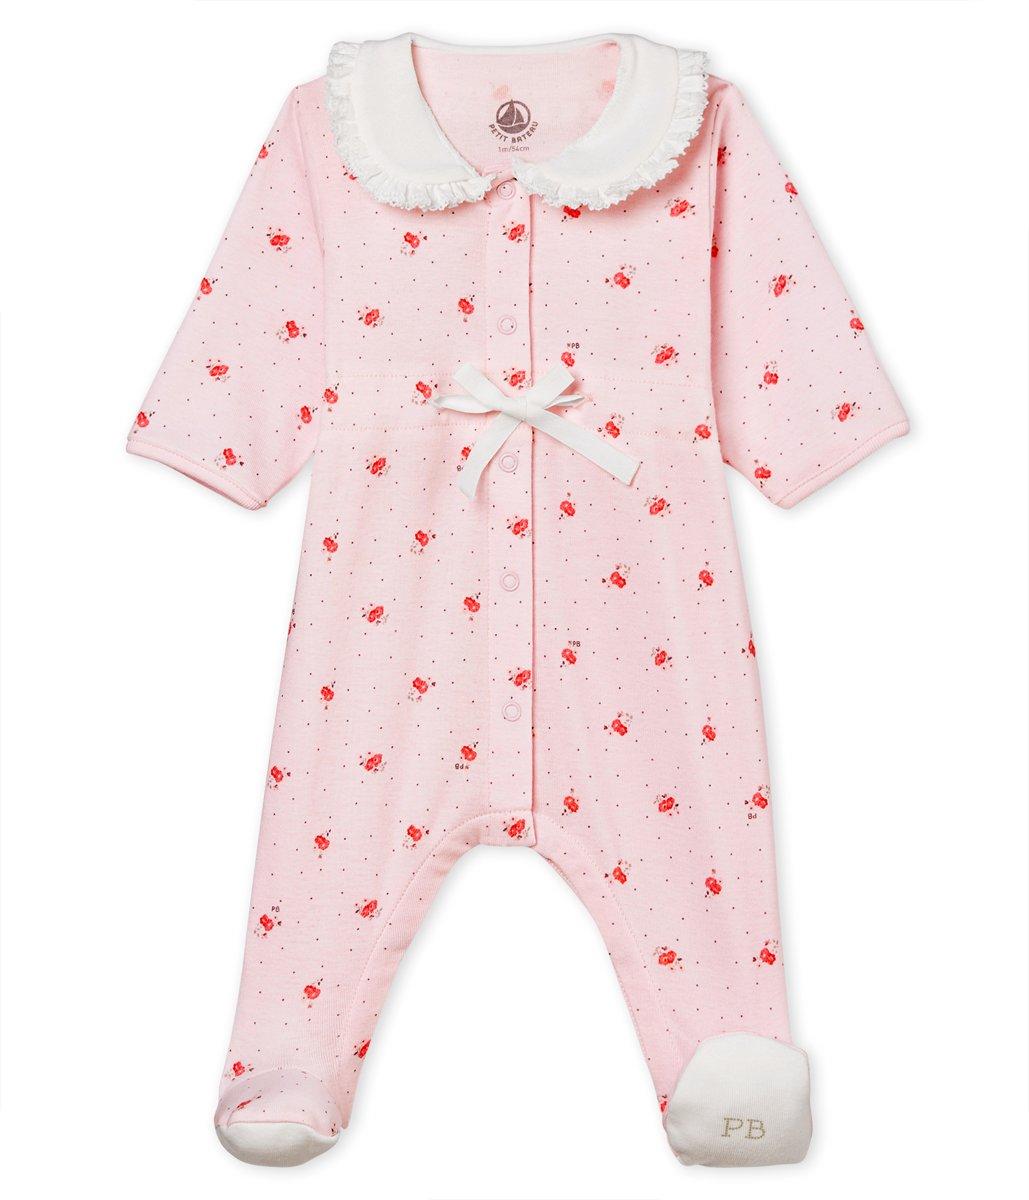 Petit Bateau Meisjes Baby Boxpak - roze - Maat 50 kopen